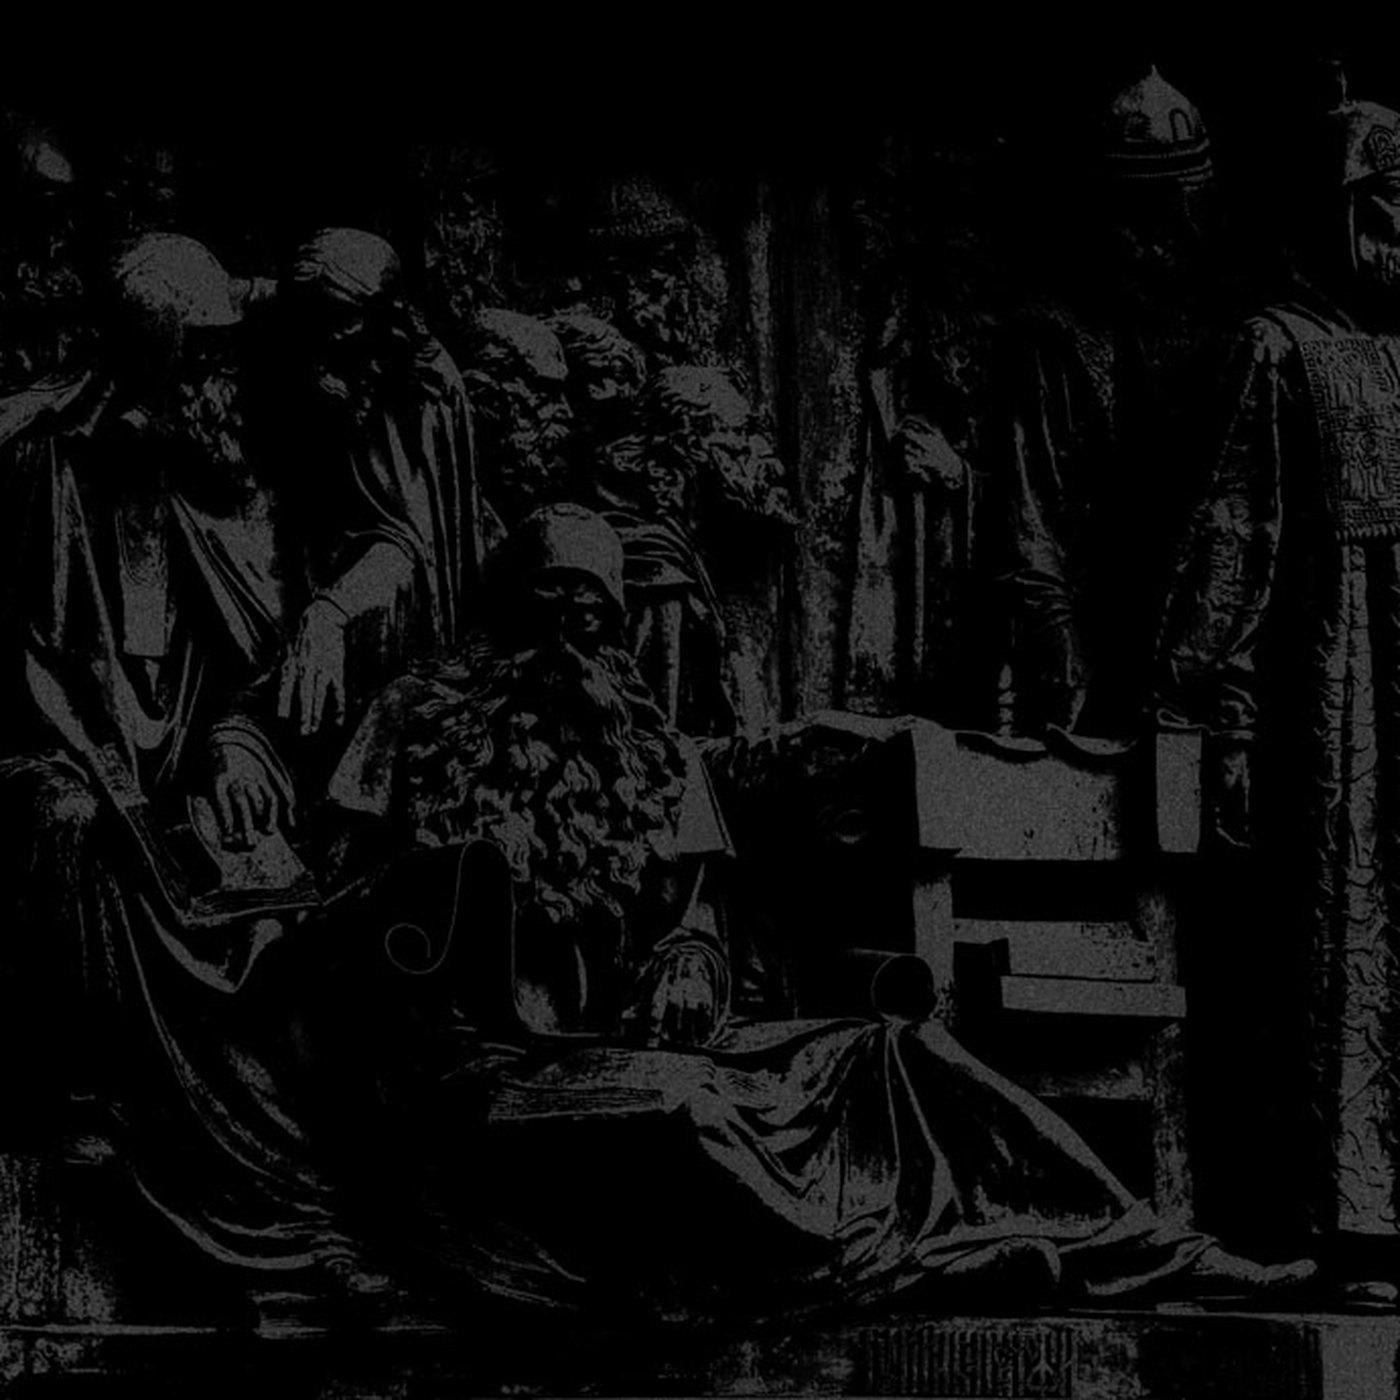 Андрей Светенко Женщины на войне: в чем заключался их труд андрей светенко охота на ведьм сталину нравилось менять фаворитов